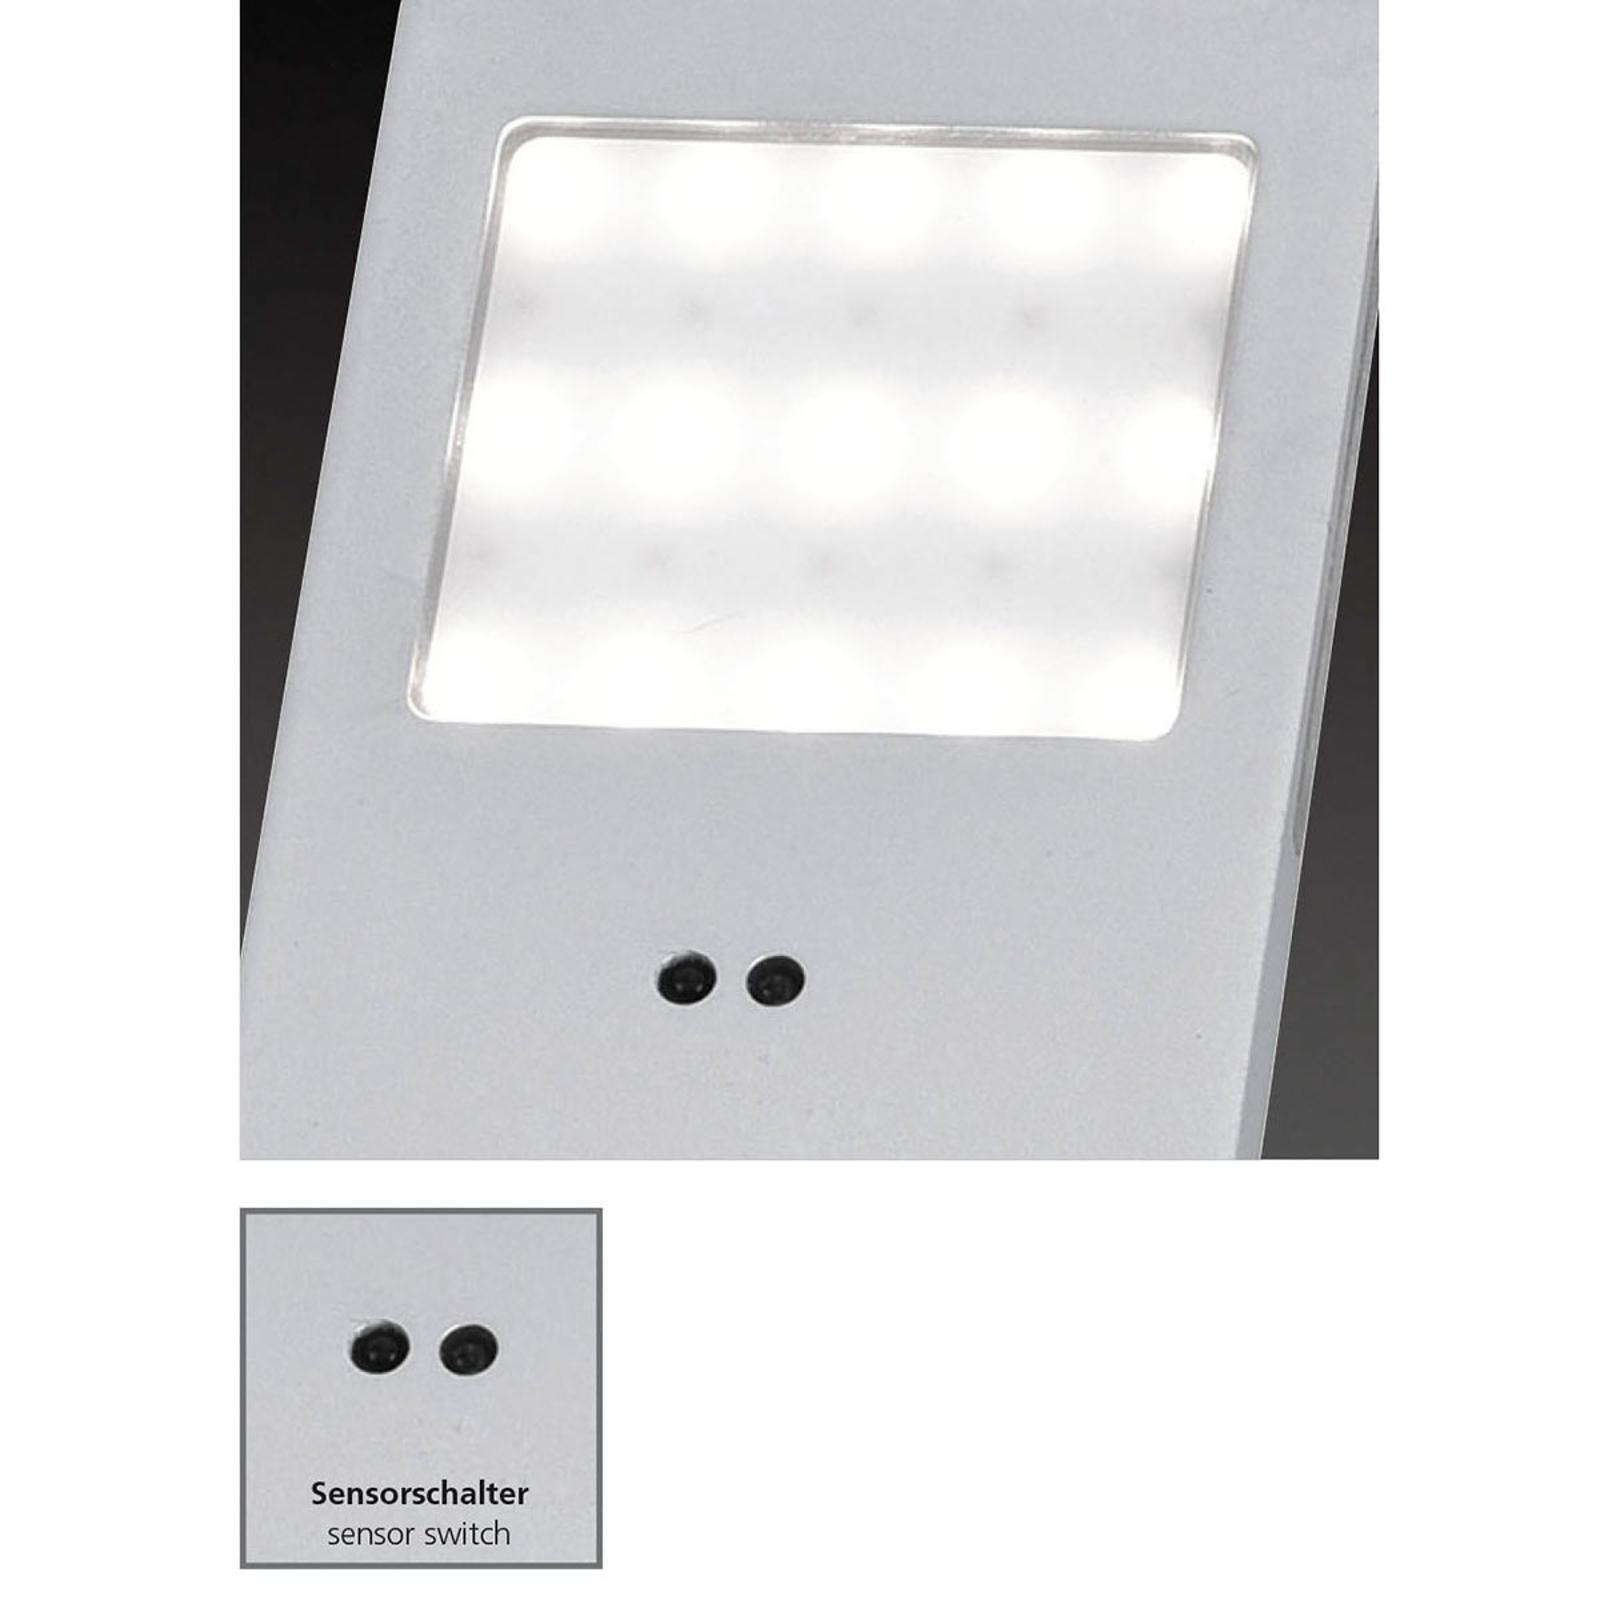 Sensorbänklampa Helena 19 x 5 cm 3-pack 3000K